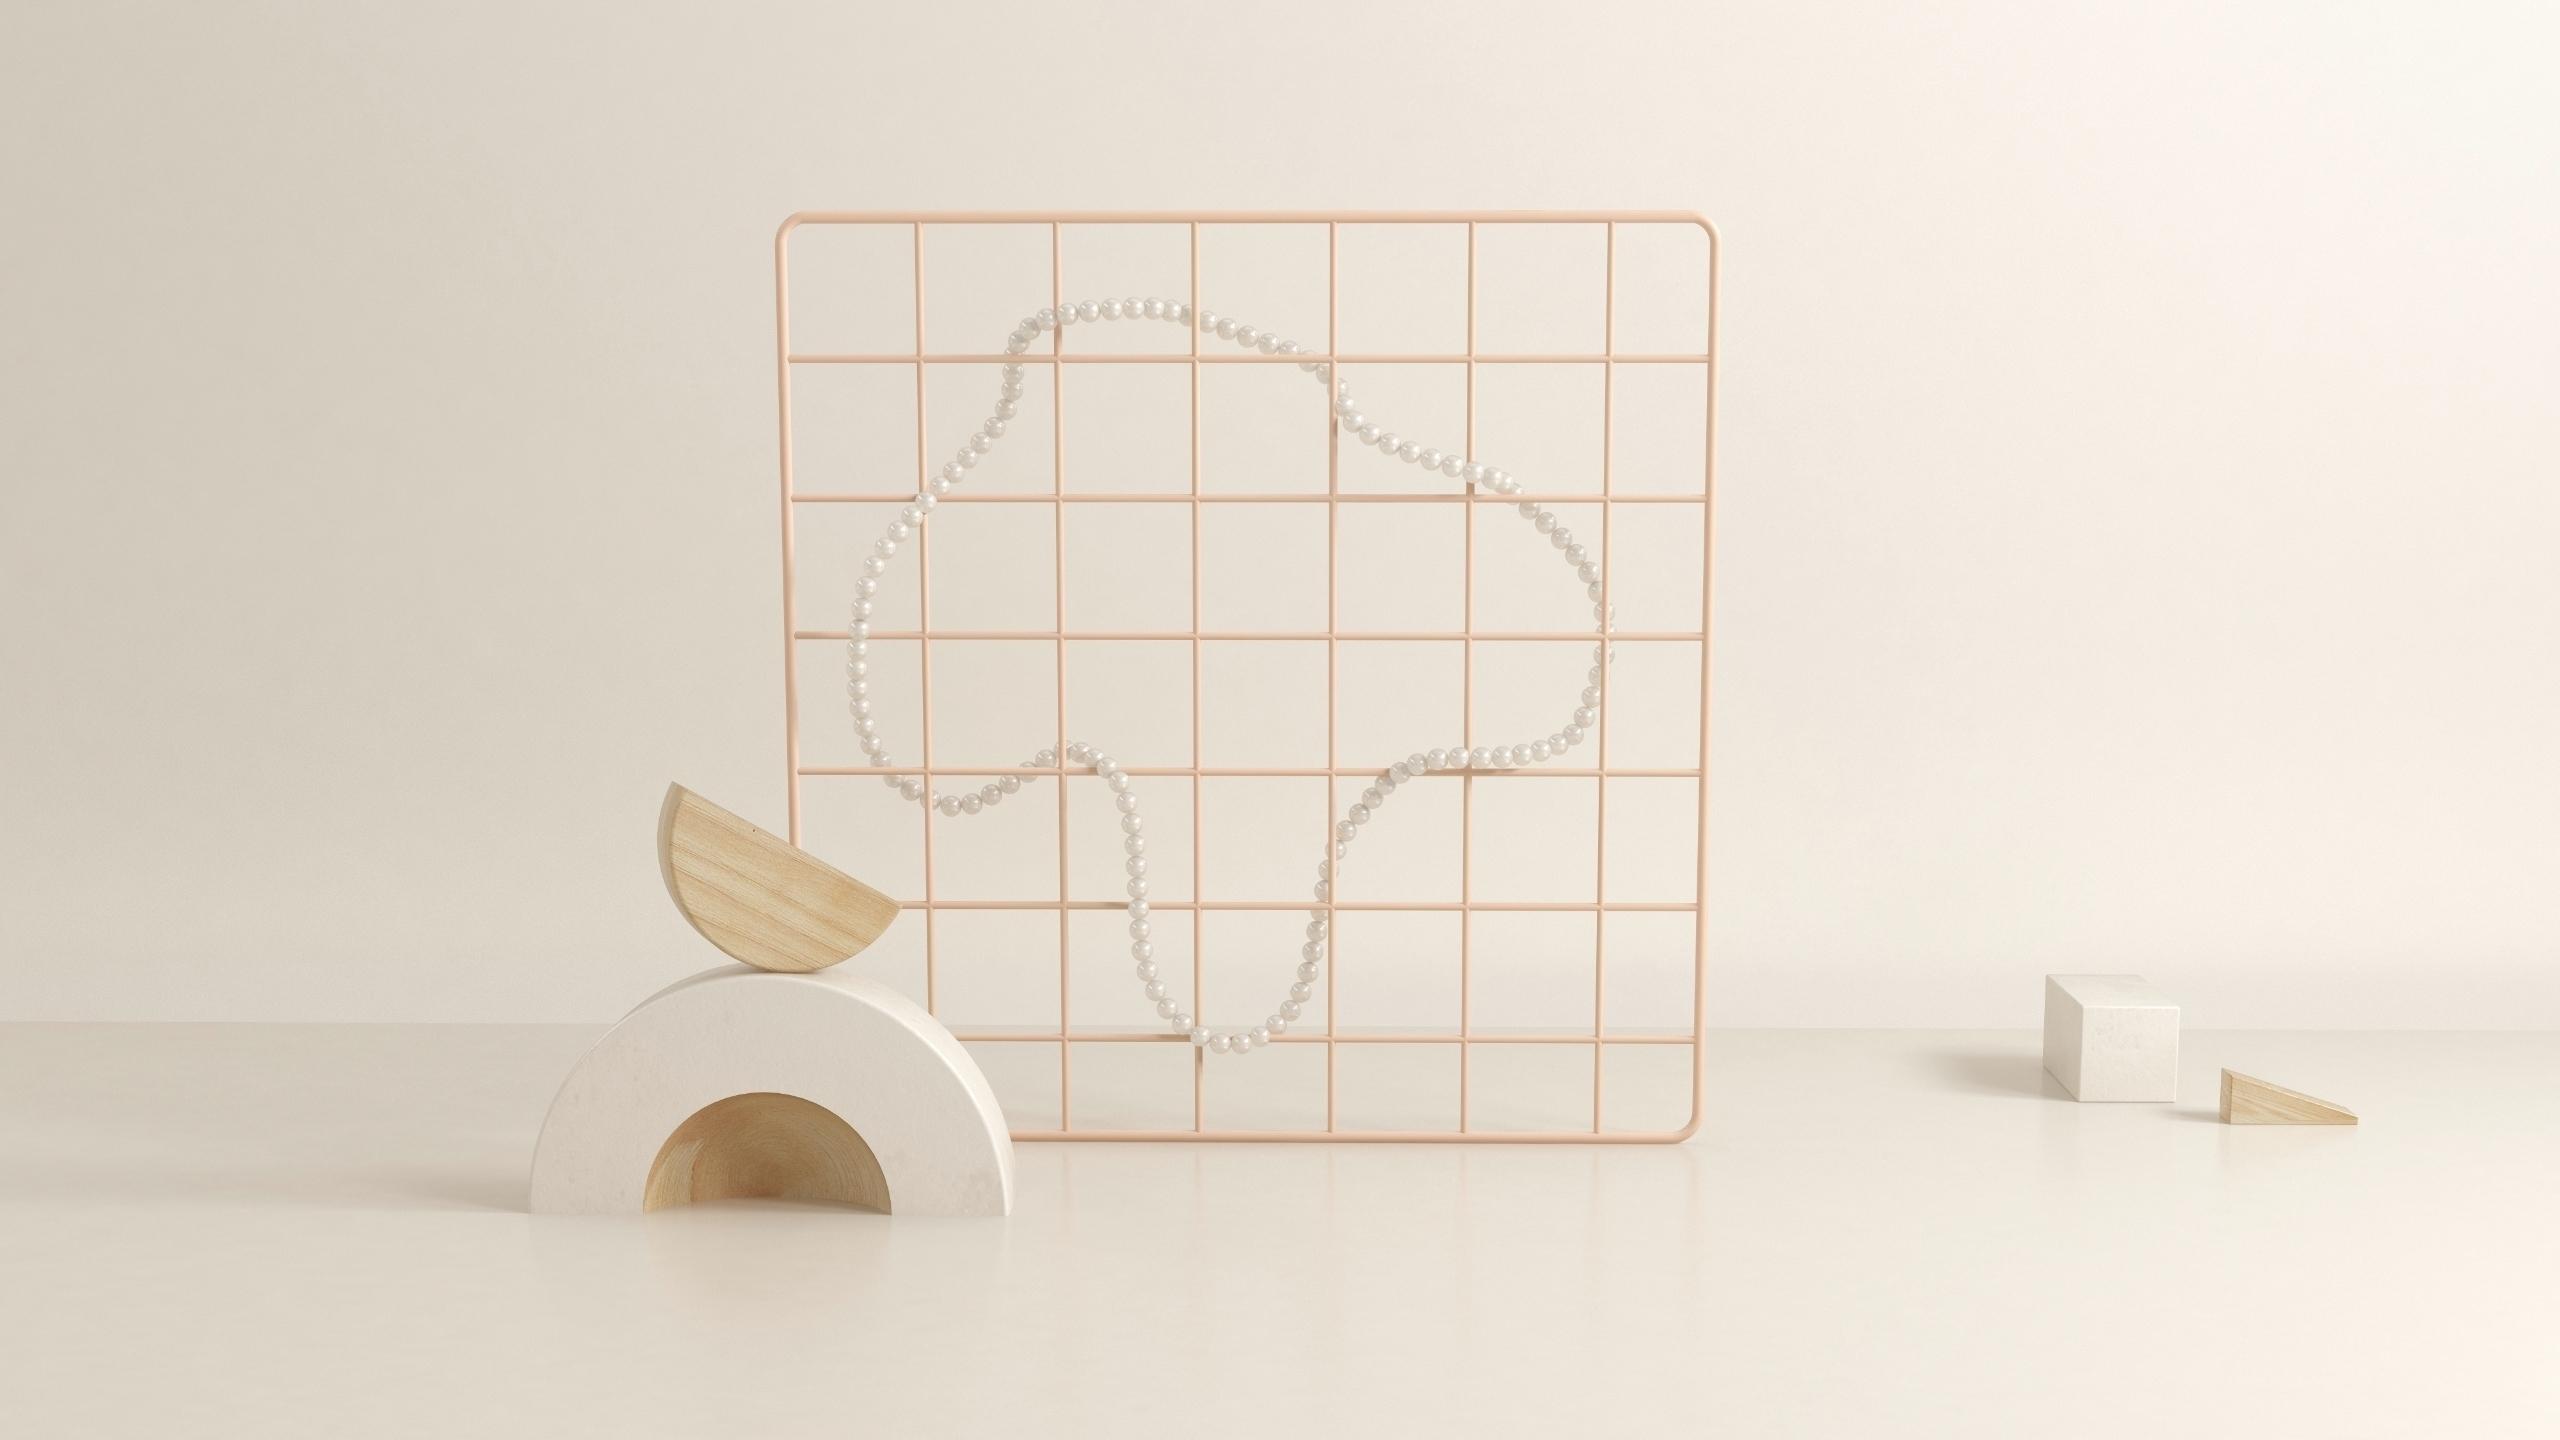 geometry wood setdesign poster  - nicocastro | ello